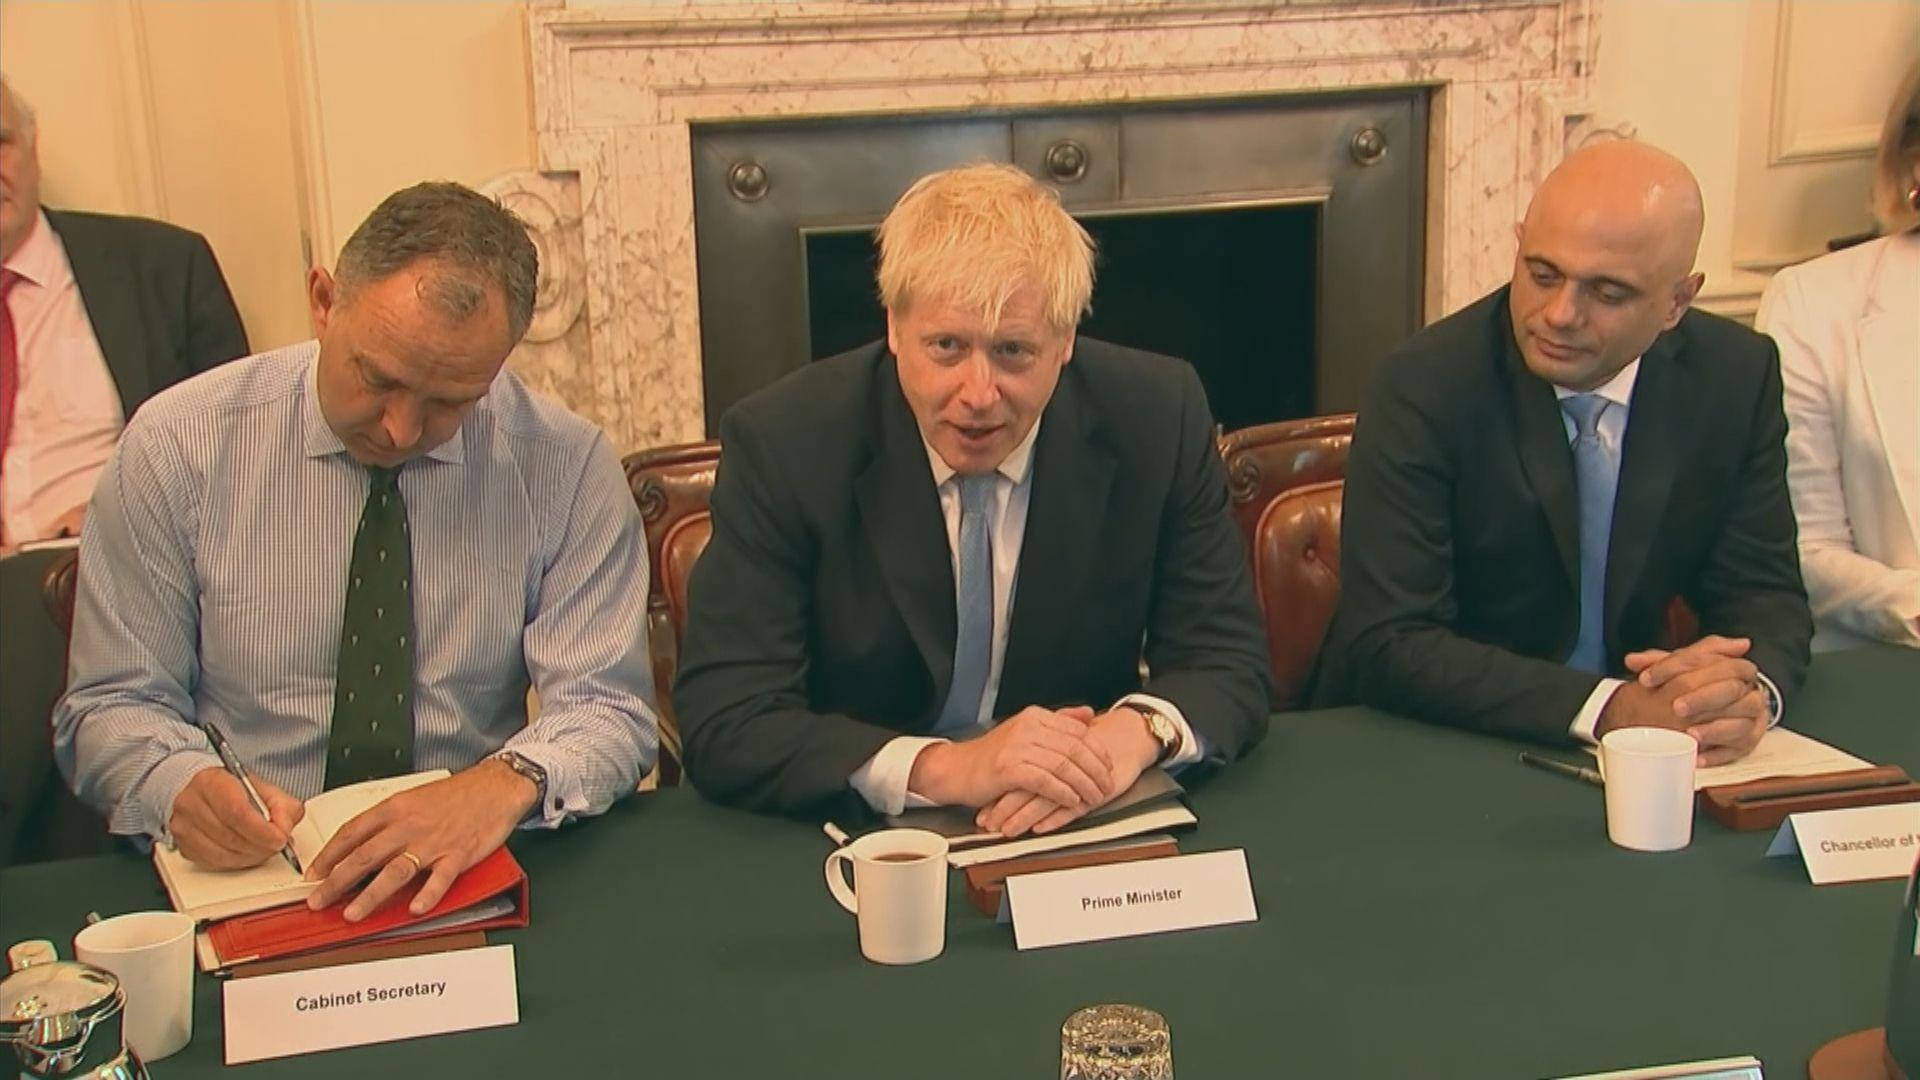 約翰遜召開首次內閣會議 重申如期落實脫歐